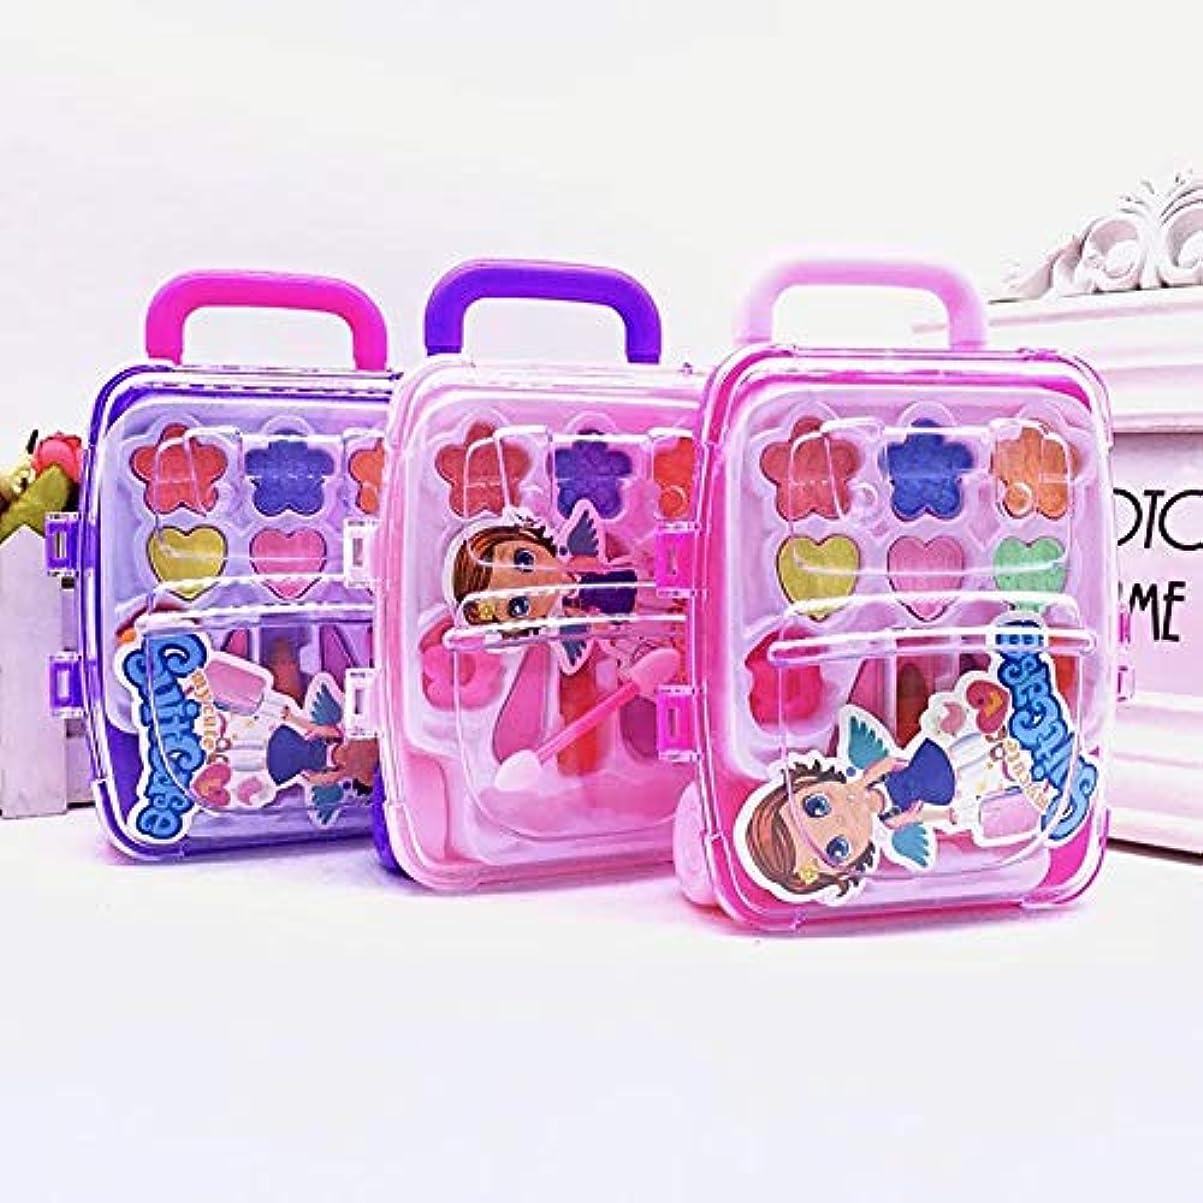 理由横向き販売員かわいい王女ふりメイクセット化粧品シミュレーション子供女の子子供のおもちゃ - ランダムな色